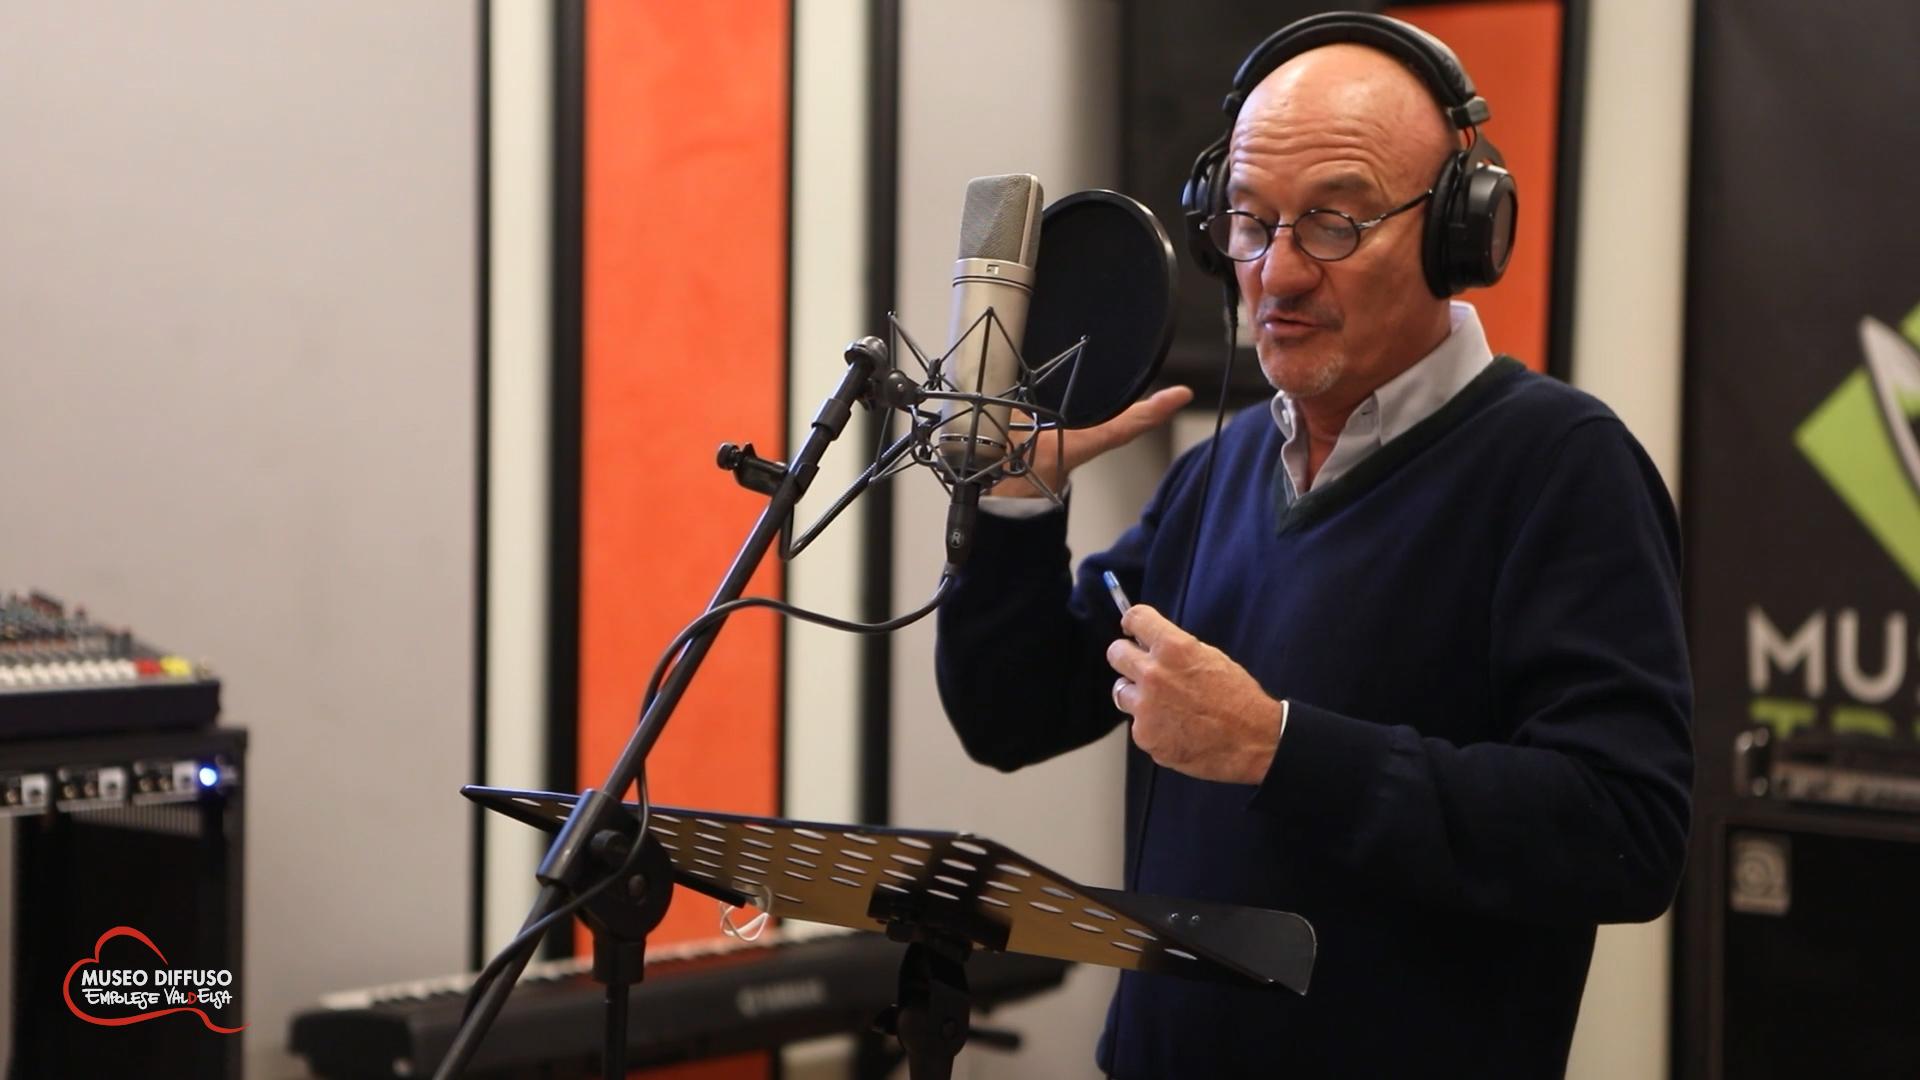 Claudio Bisio regala la sua voce per l'audioguida gratuita dei musei dell'Empolese Valdelsa